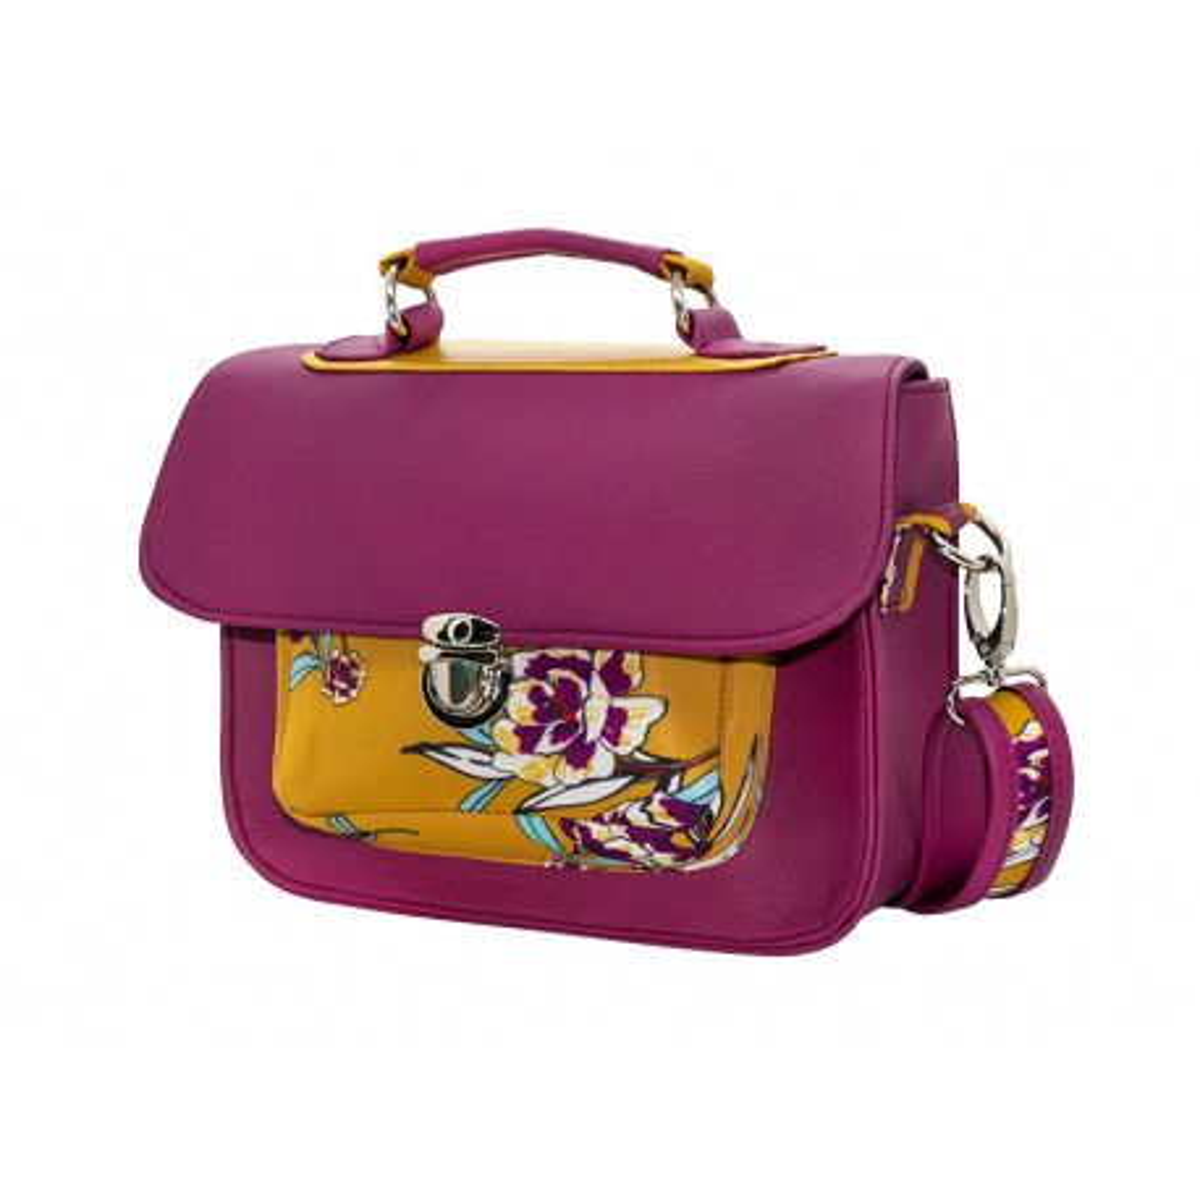 Sac à main bandoulière style cartable rétro rose violine et moutarde à fleurs